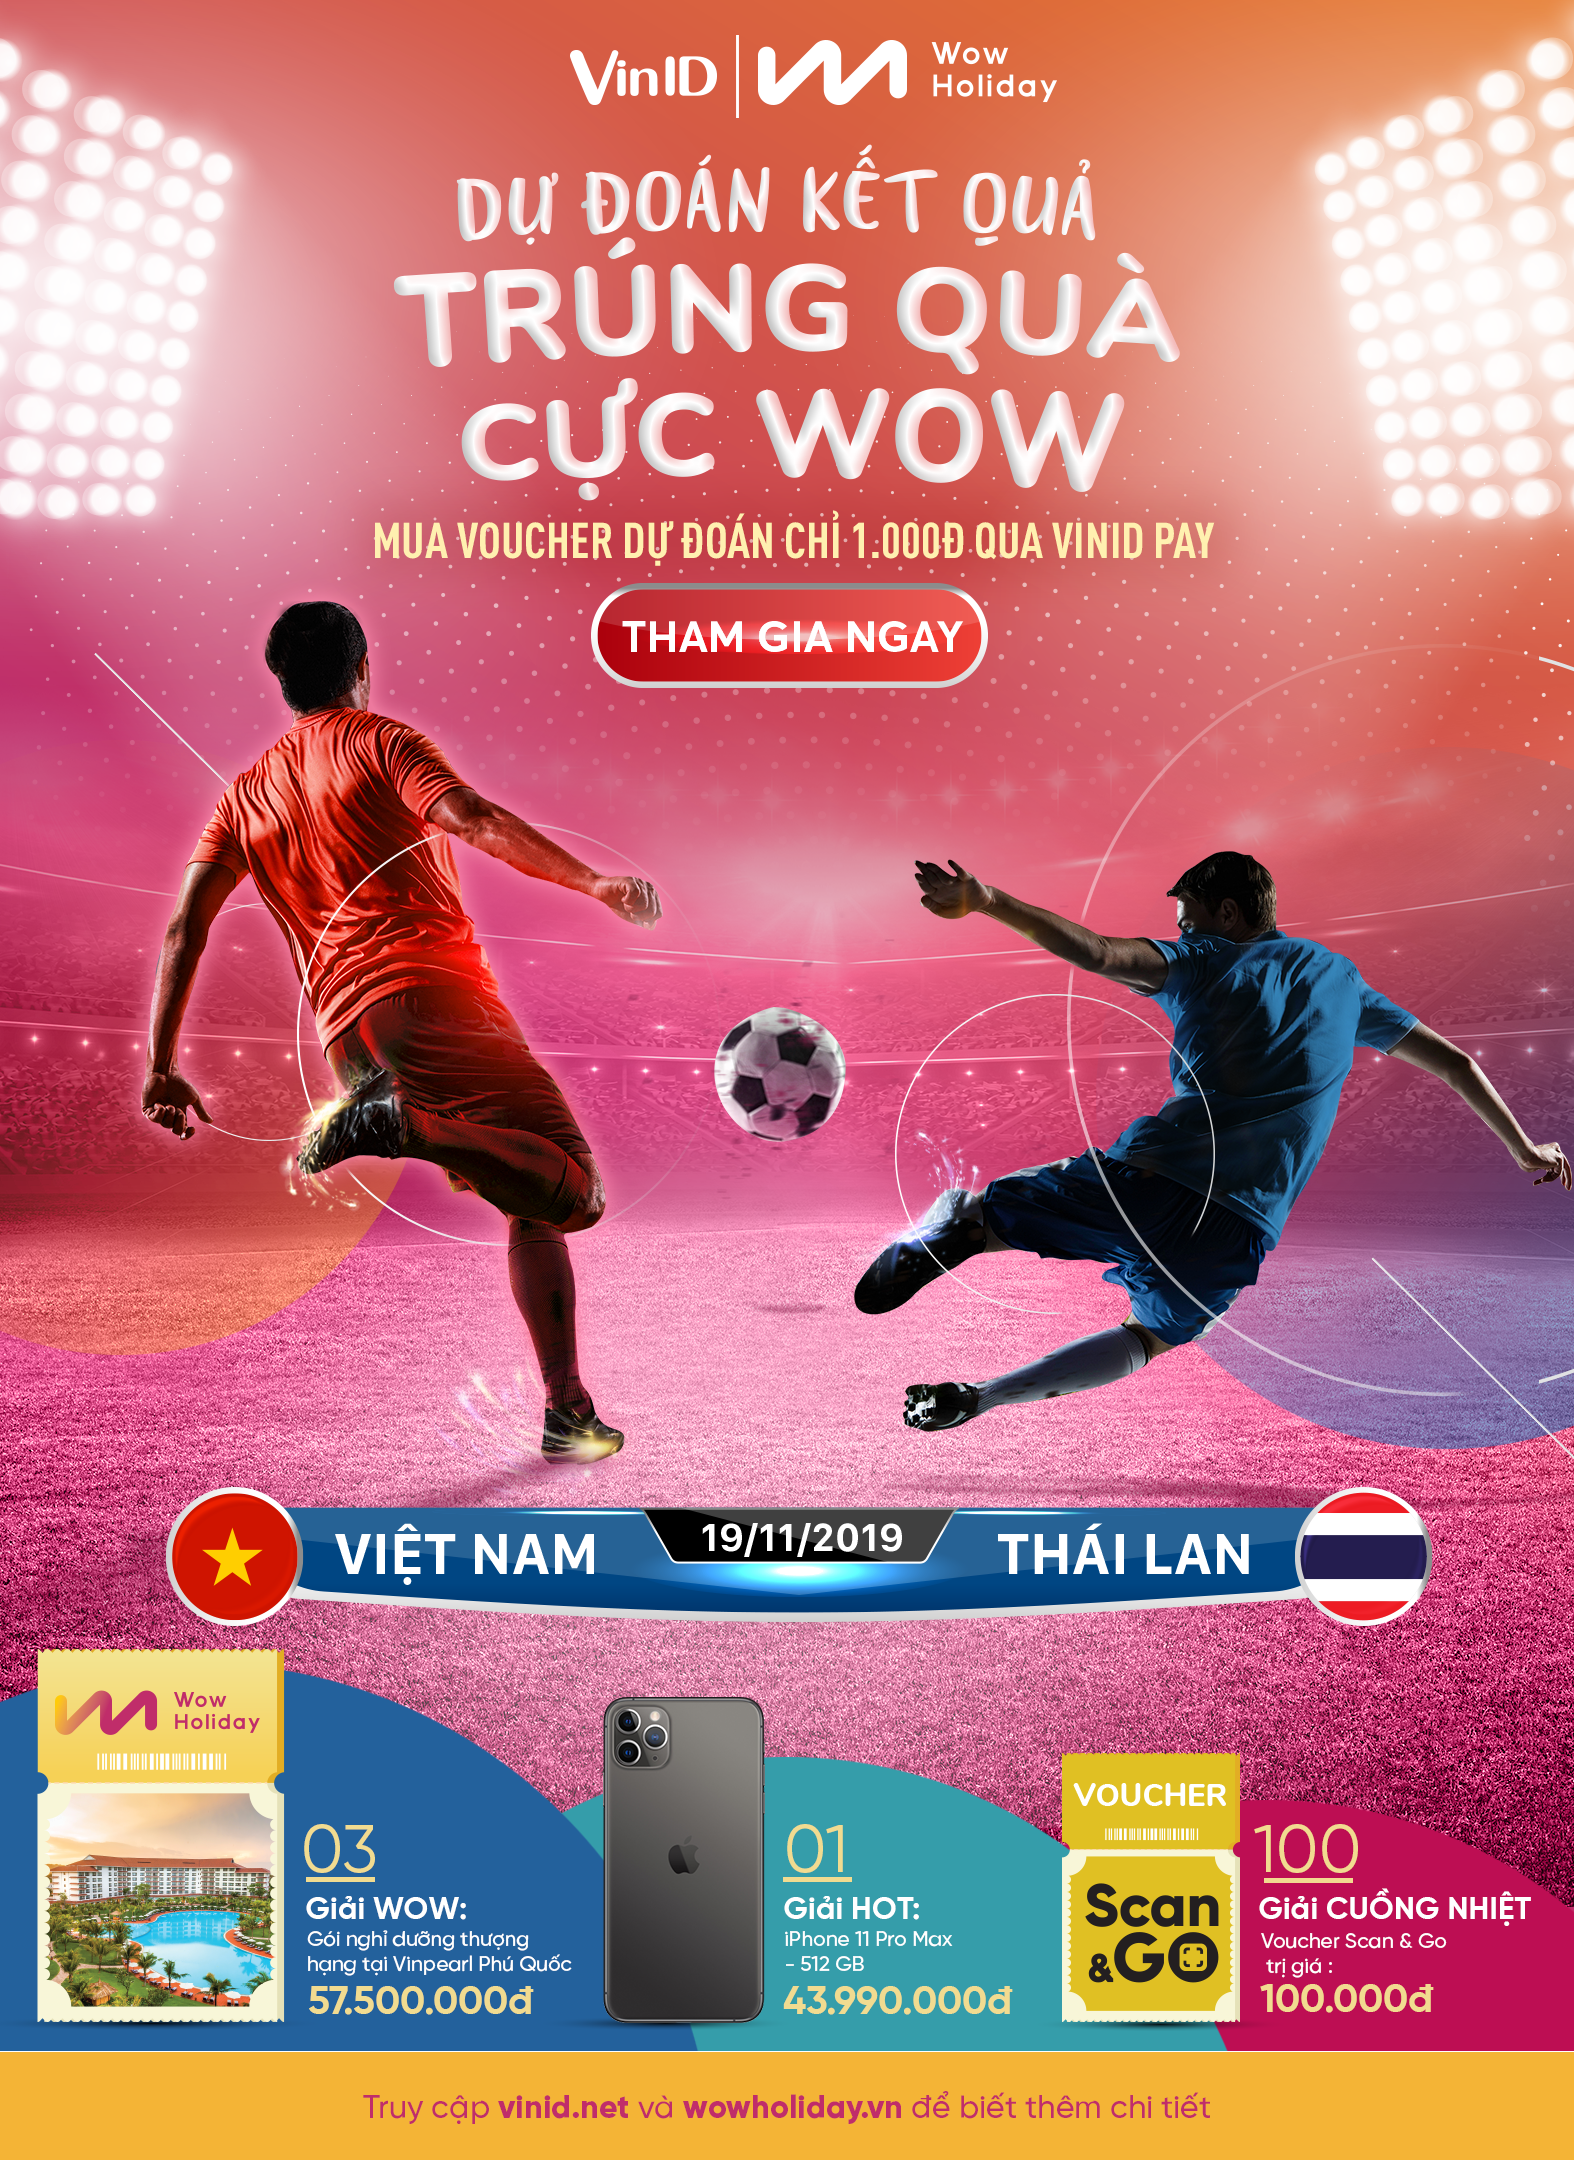 Cùng WOWHOLIDAY dự đoán kết quả World Cup trên VinID để trúng ngay Voucher du lịch nghỉ dưỡng thượng hạng tại Vinpearl Phú Quốc - Ảnh 1.